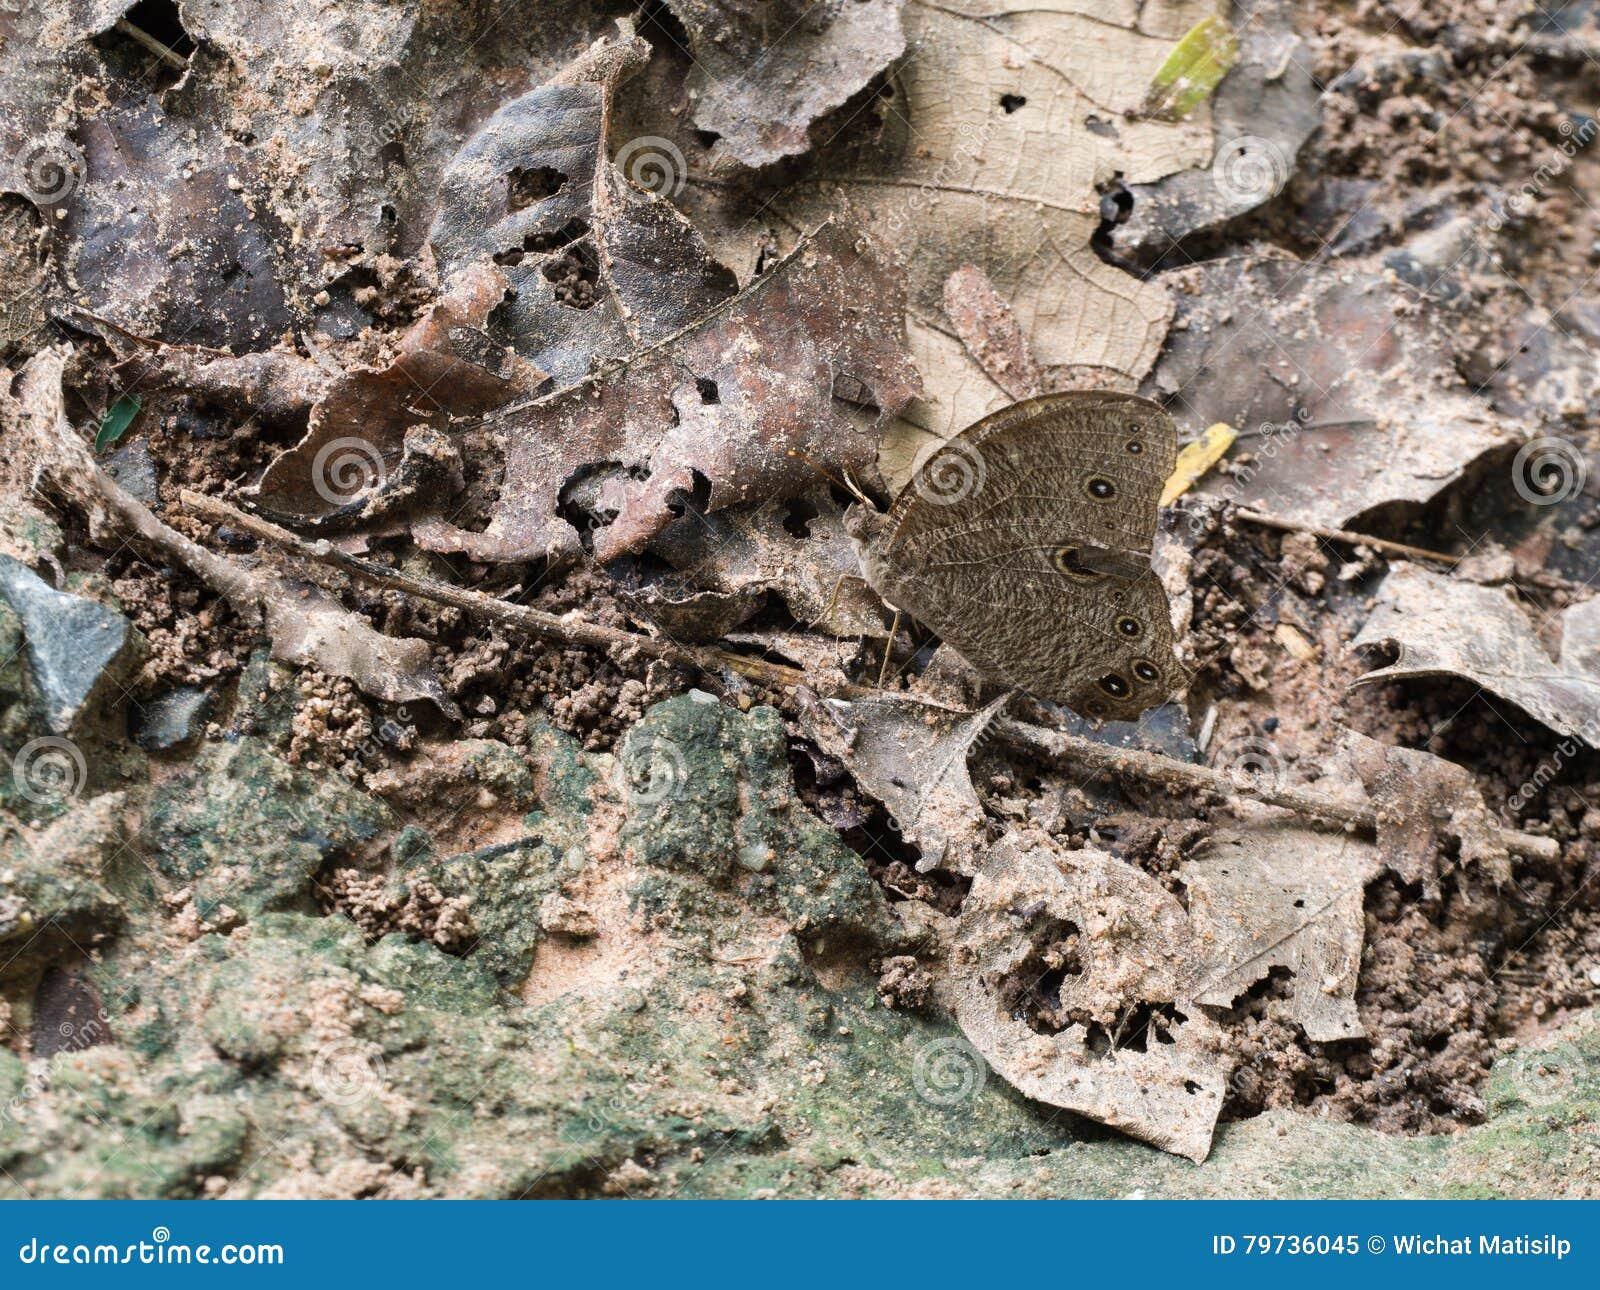 La mariposa mezcla adentro con el ambiente